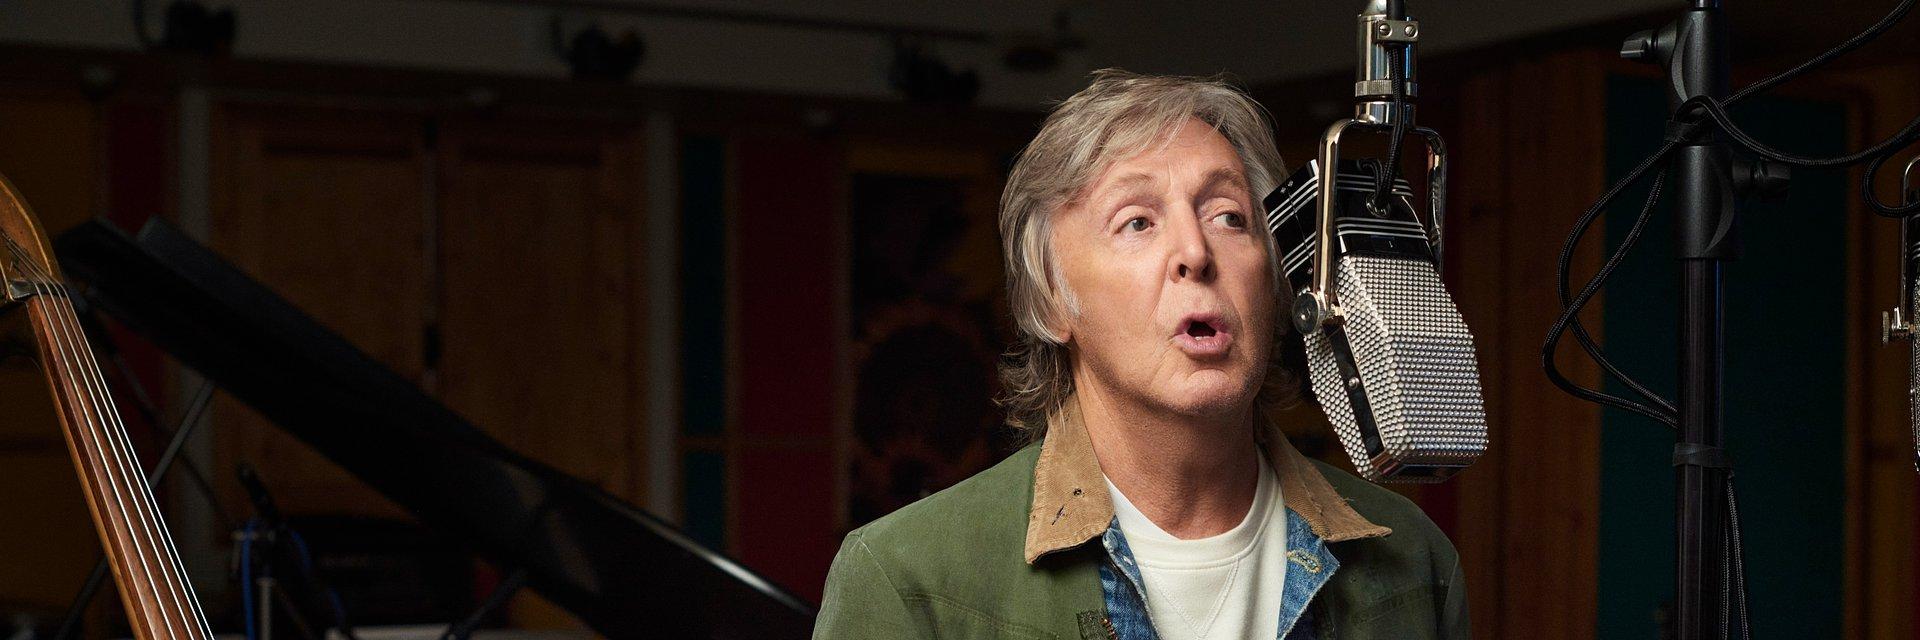 """""""McCartney III Imagined"""", utwory z ostatniego albumu Paula na warsztacie m.in. Becka, Damona Albarna i St. Vincent"""